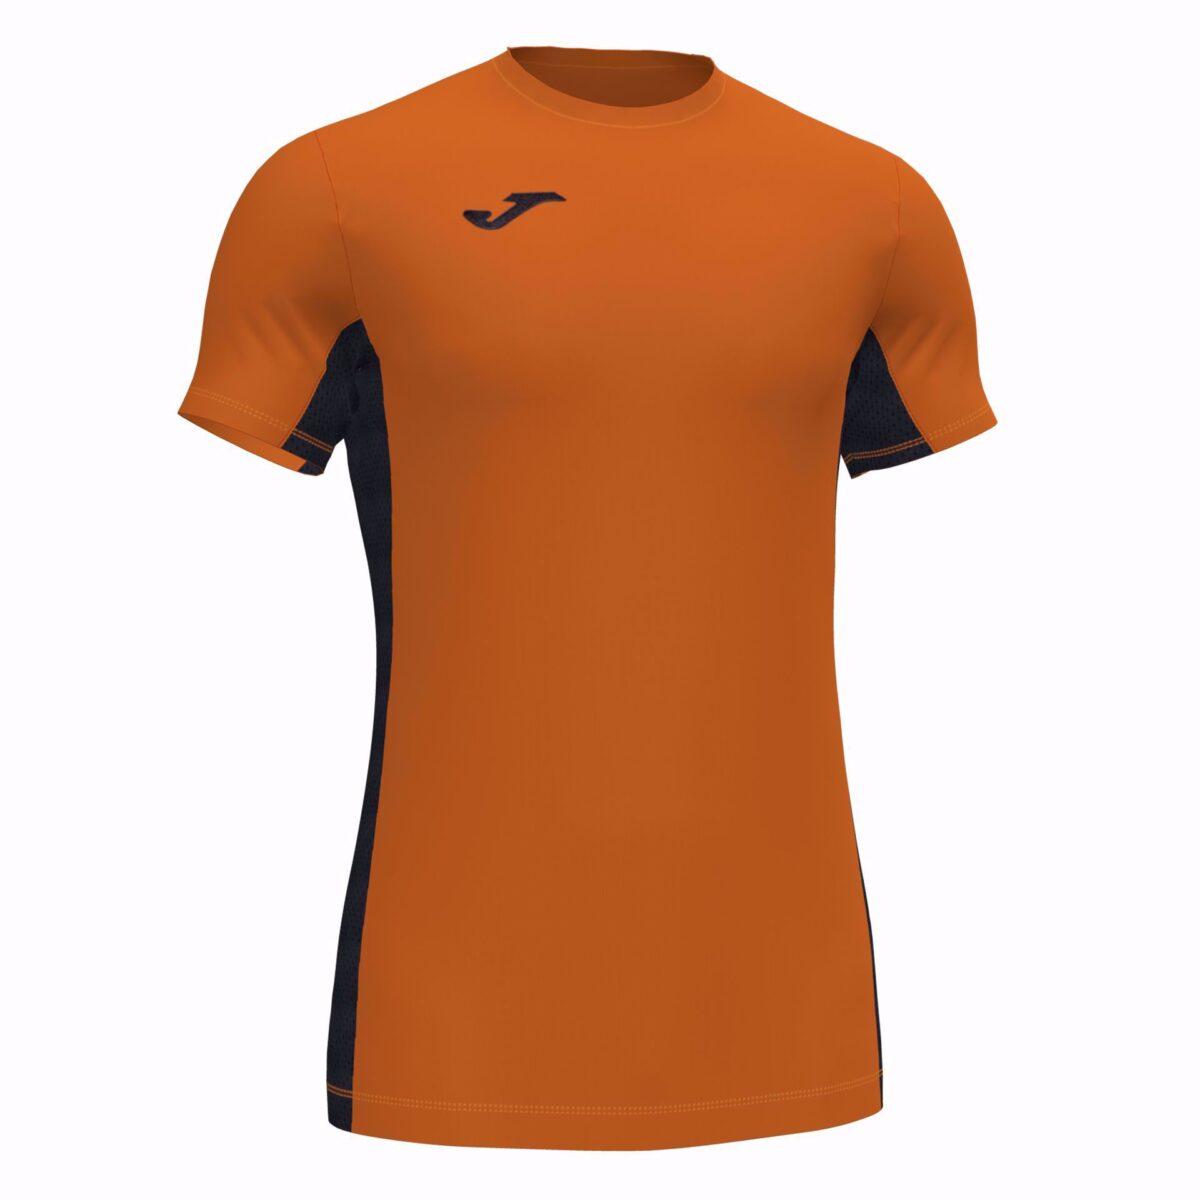 Joma Superliga Volleyball shirt - 101469